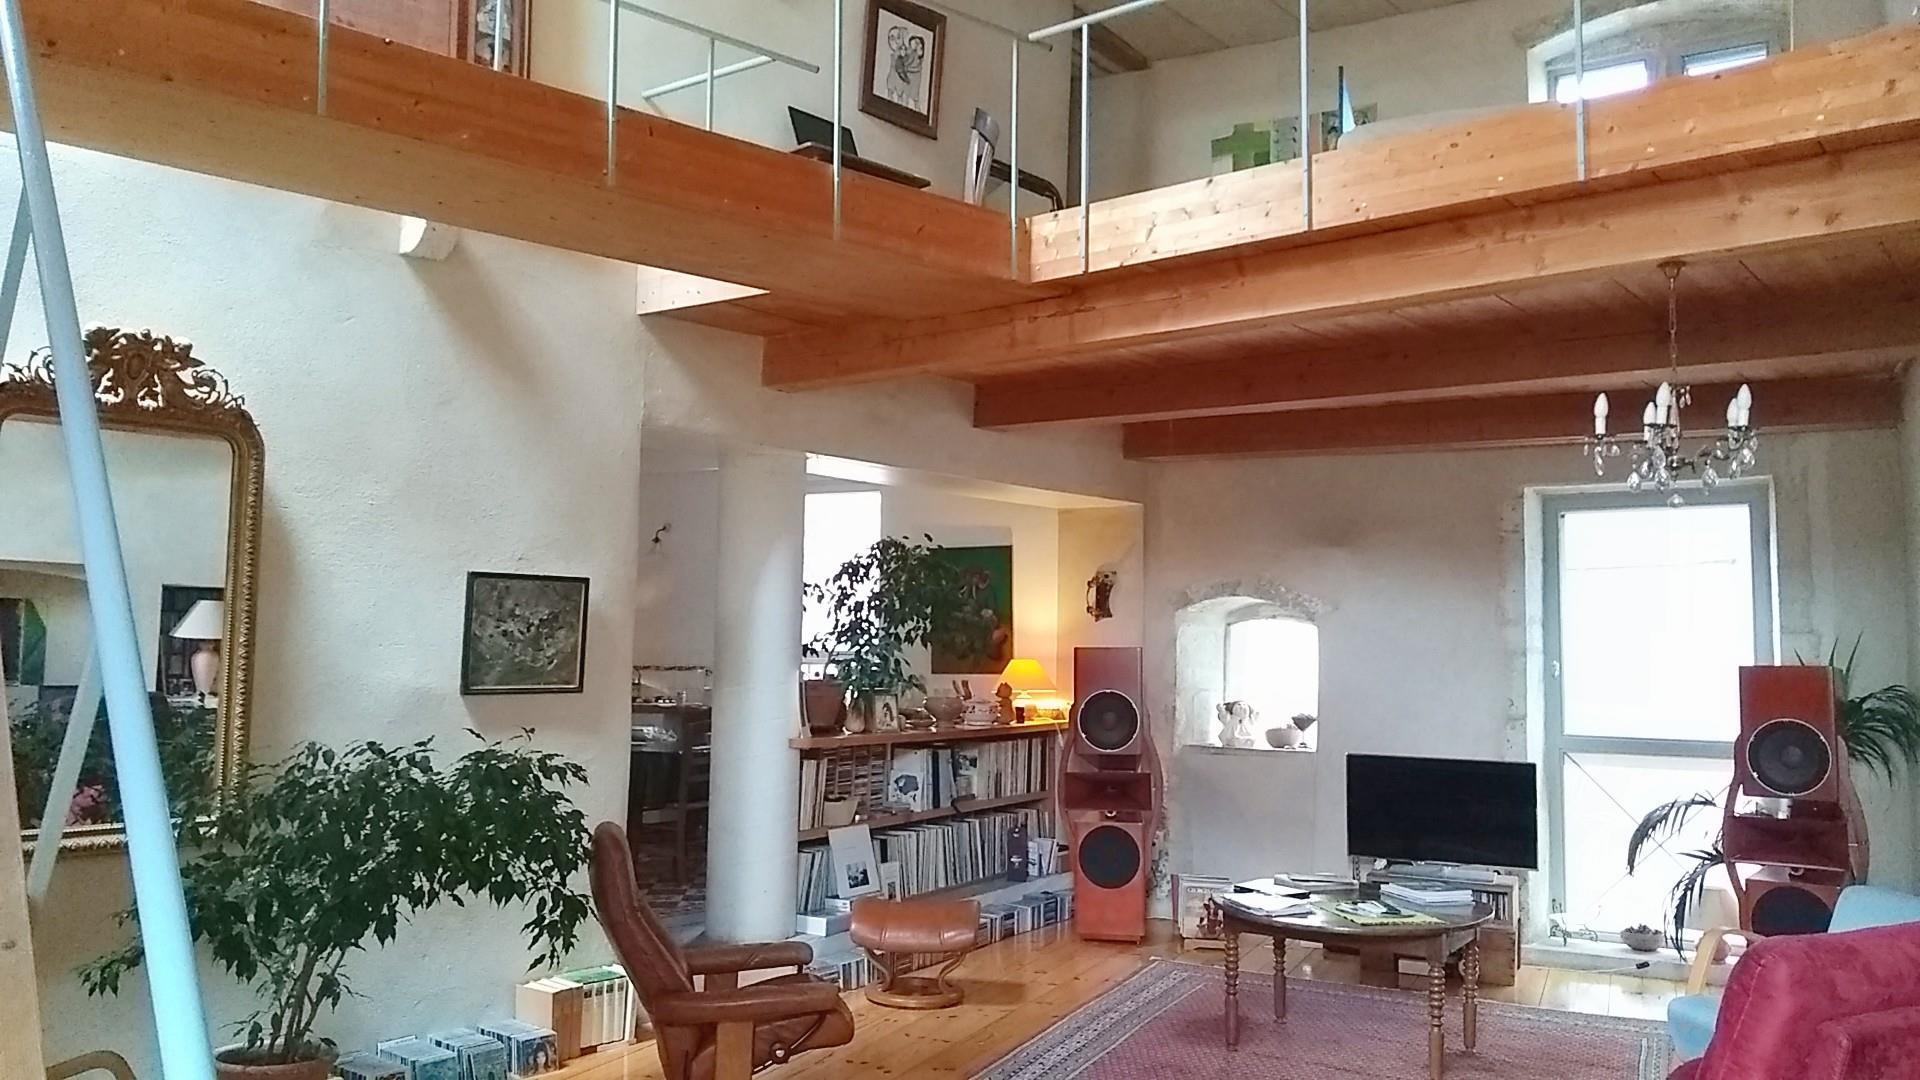 Baie Vitrée Voutée maison ancienne revisitée par architectes